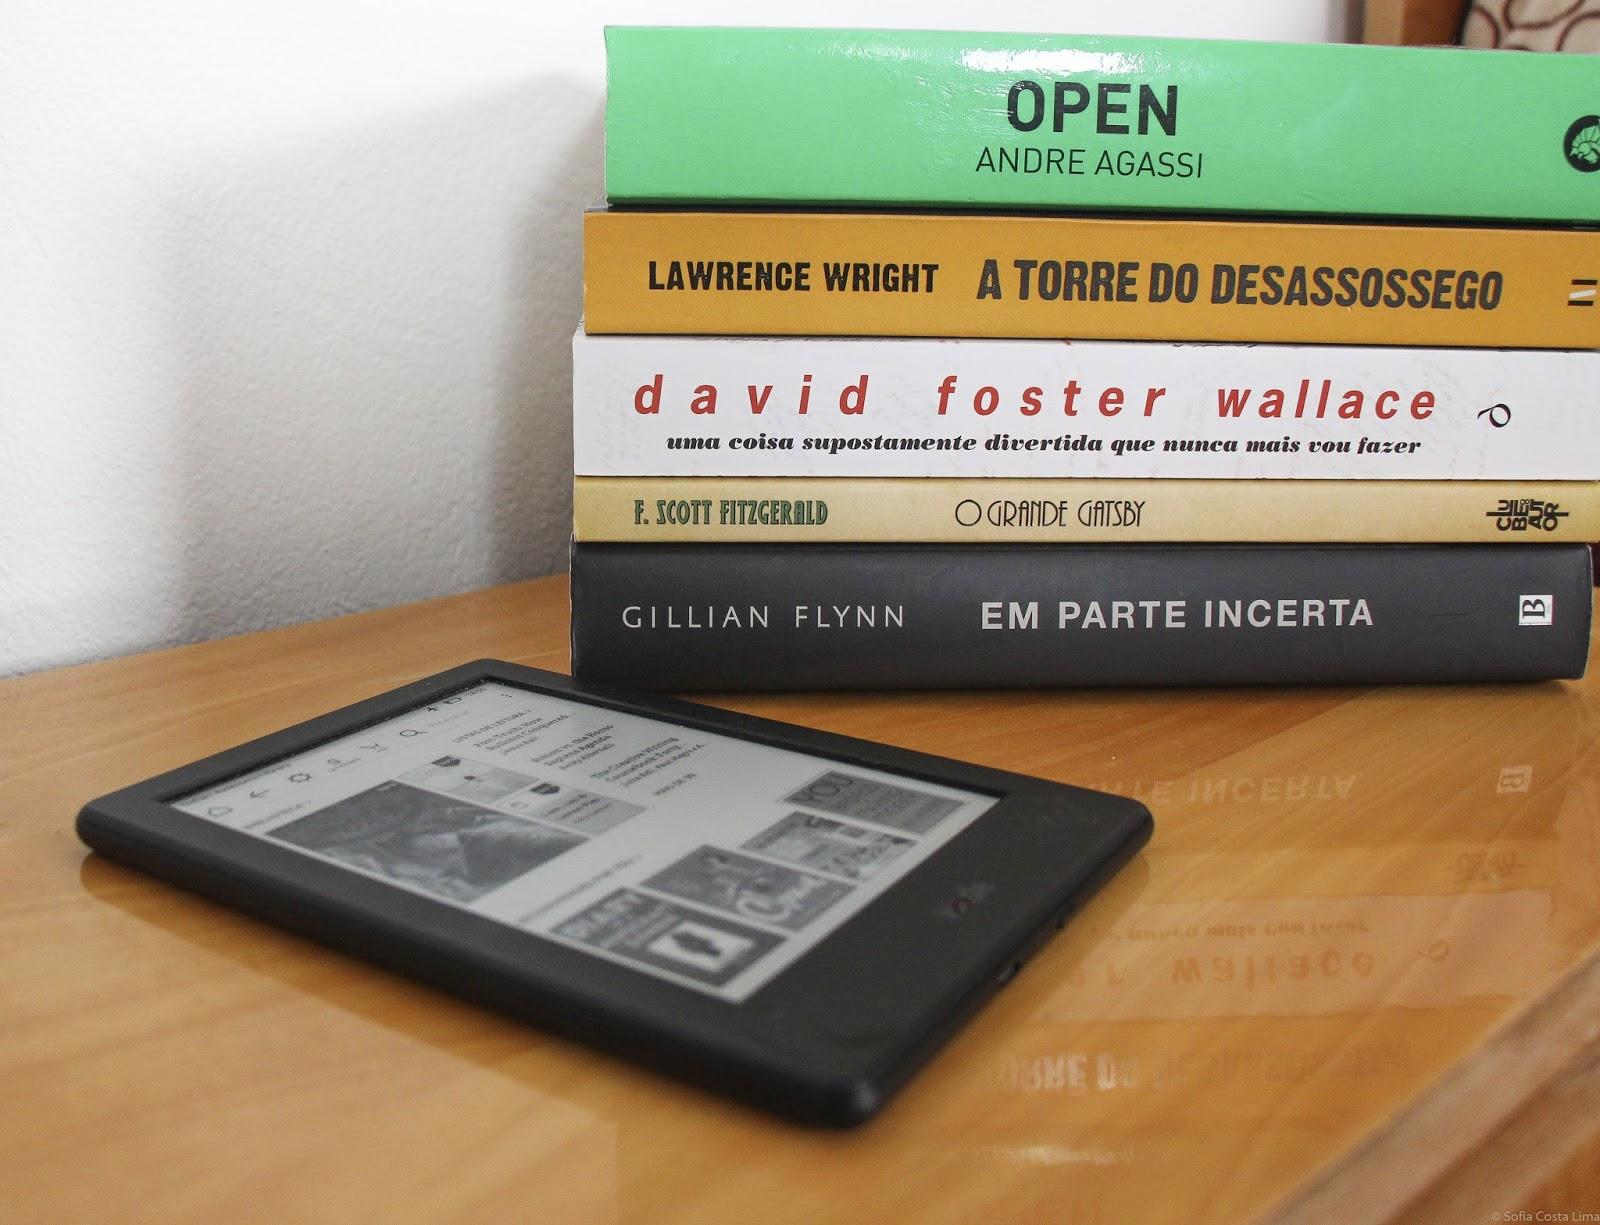 livros físicos ou livros digitais